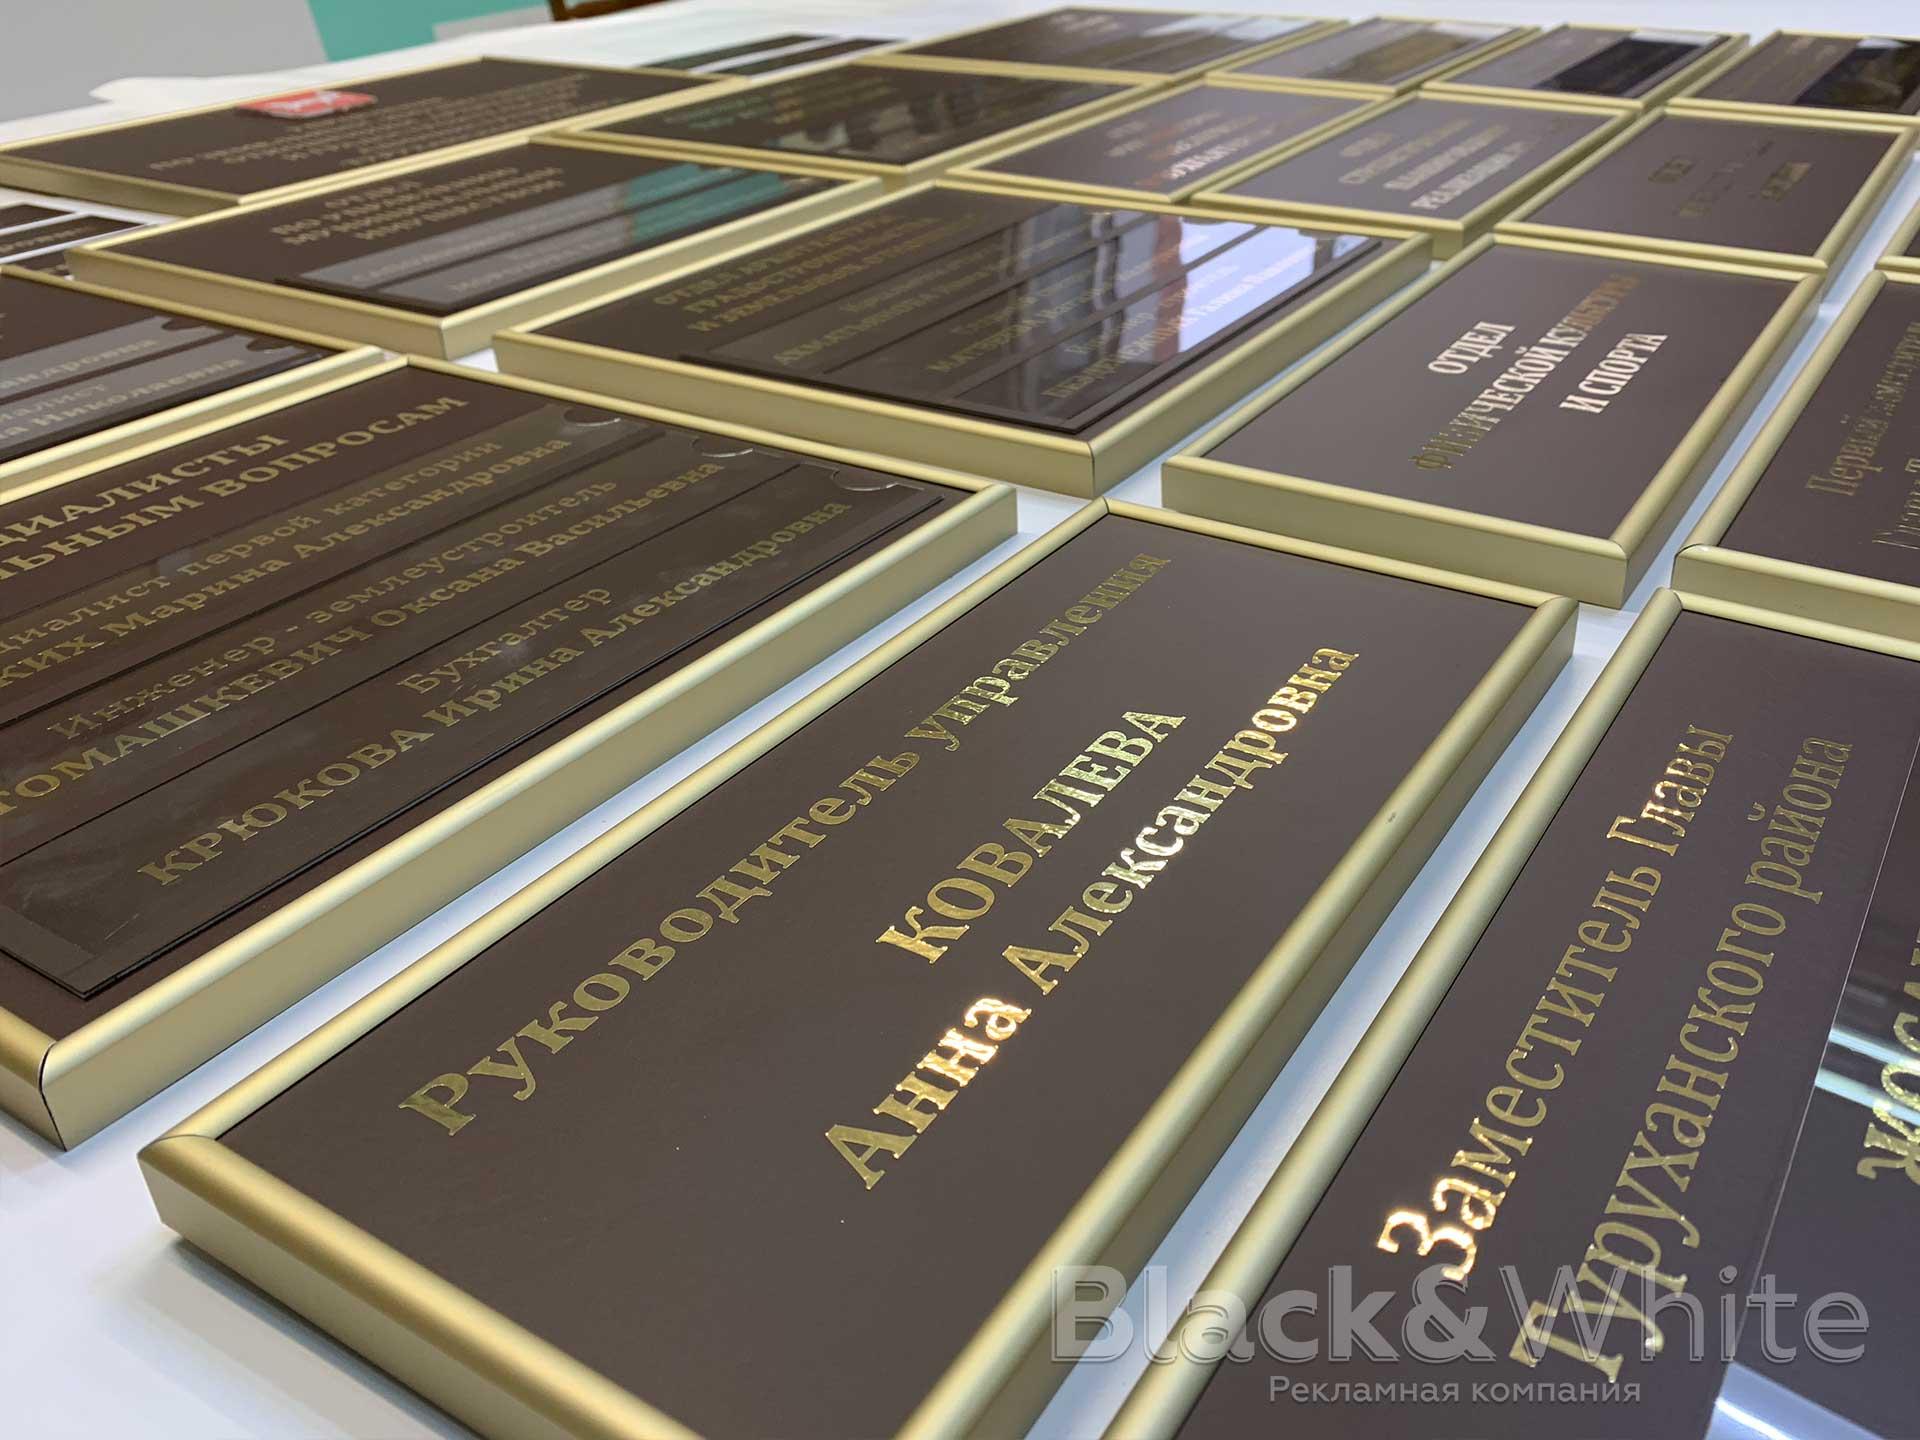 Таблички-на-дверь-со-сменной-информацией-для-администрации-красноярск.jpg